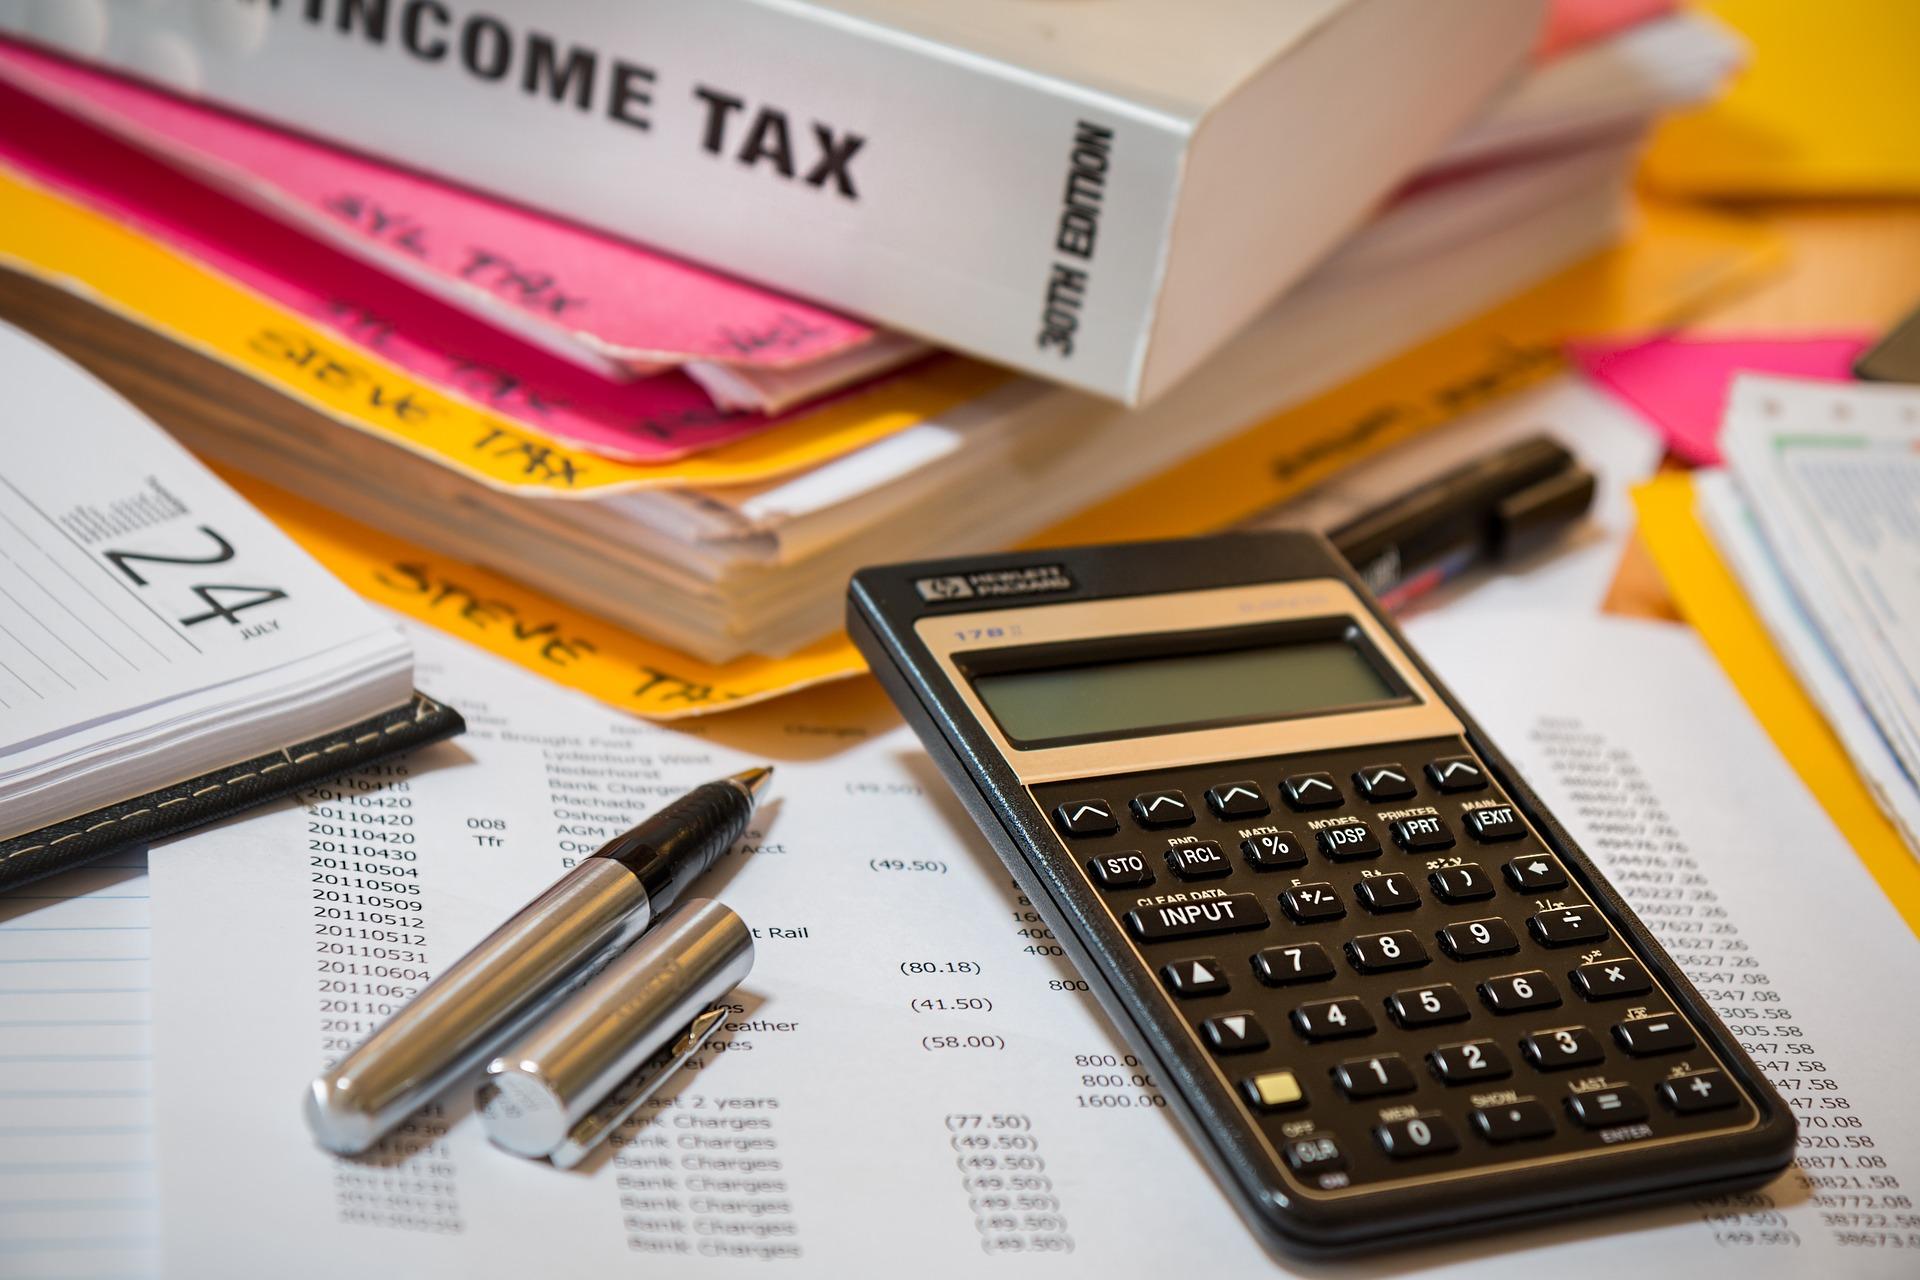 El Tesoro de EE. UU. Solicita un informe del IRS sobre transferencias de criptomonedas de más de $ 10K